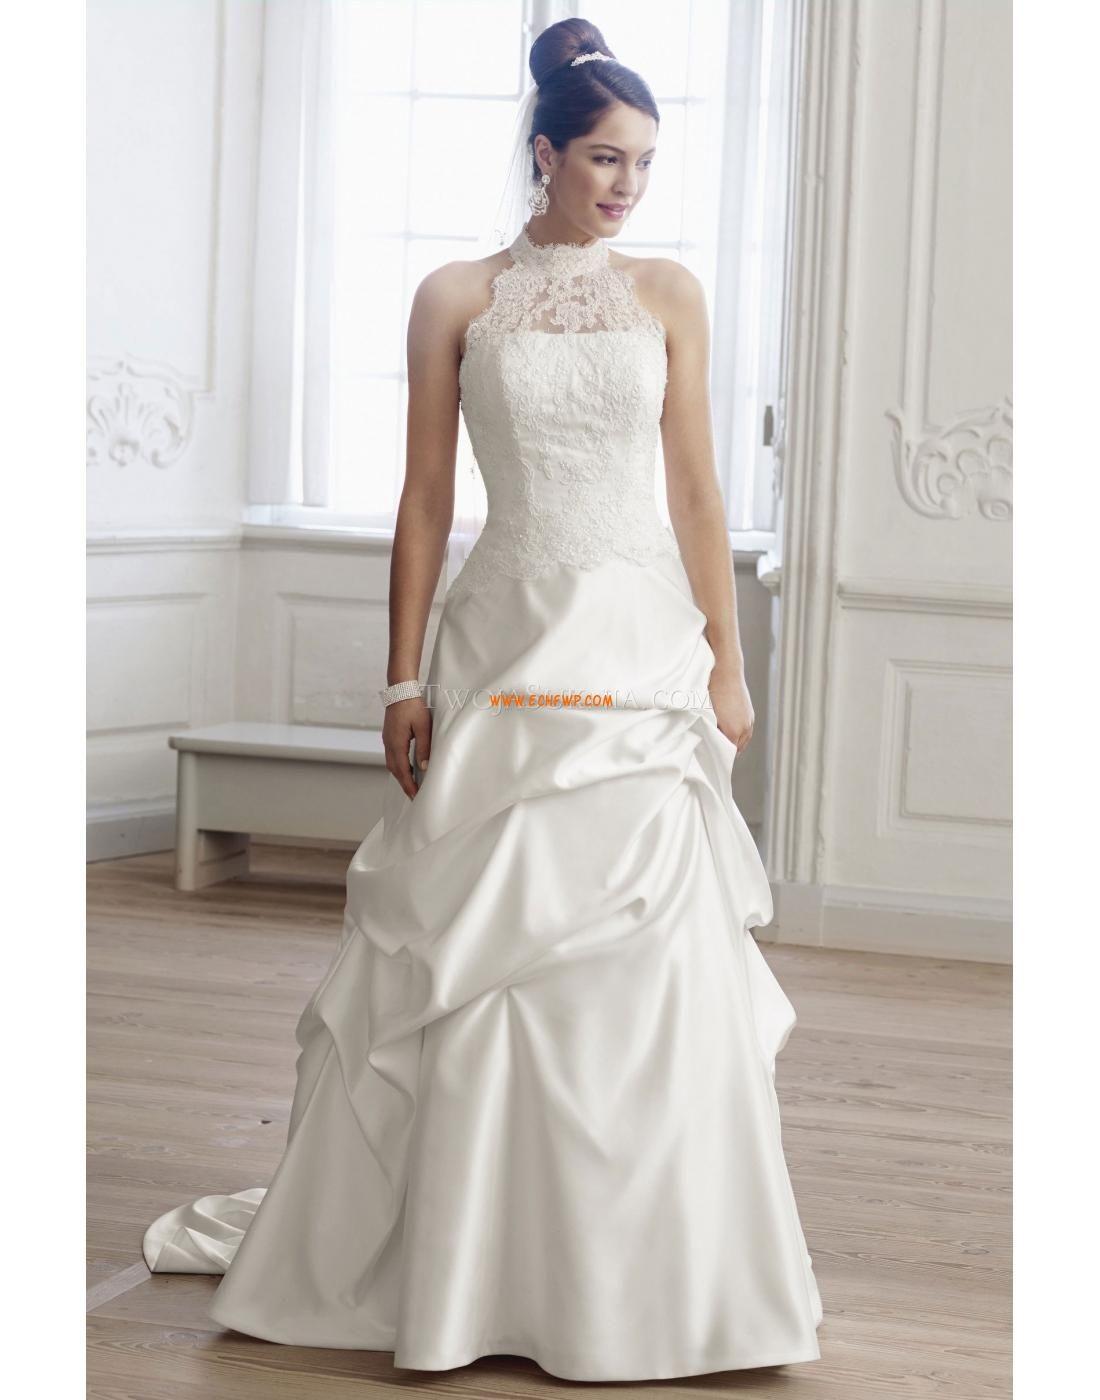 Lace wedding dress halter  Bildergebnis für mandarin kragen rückenfrei hochzeitskleid  My